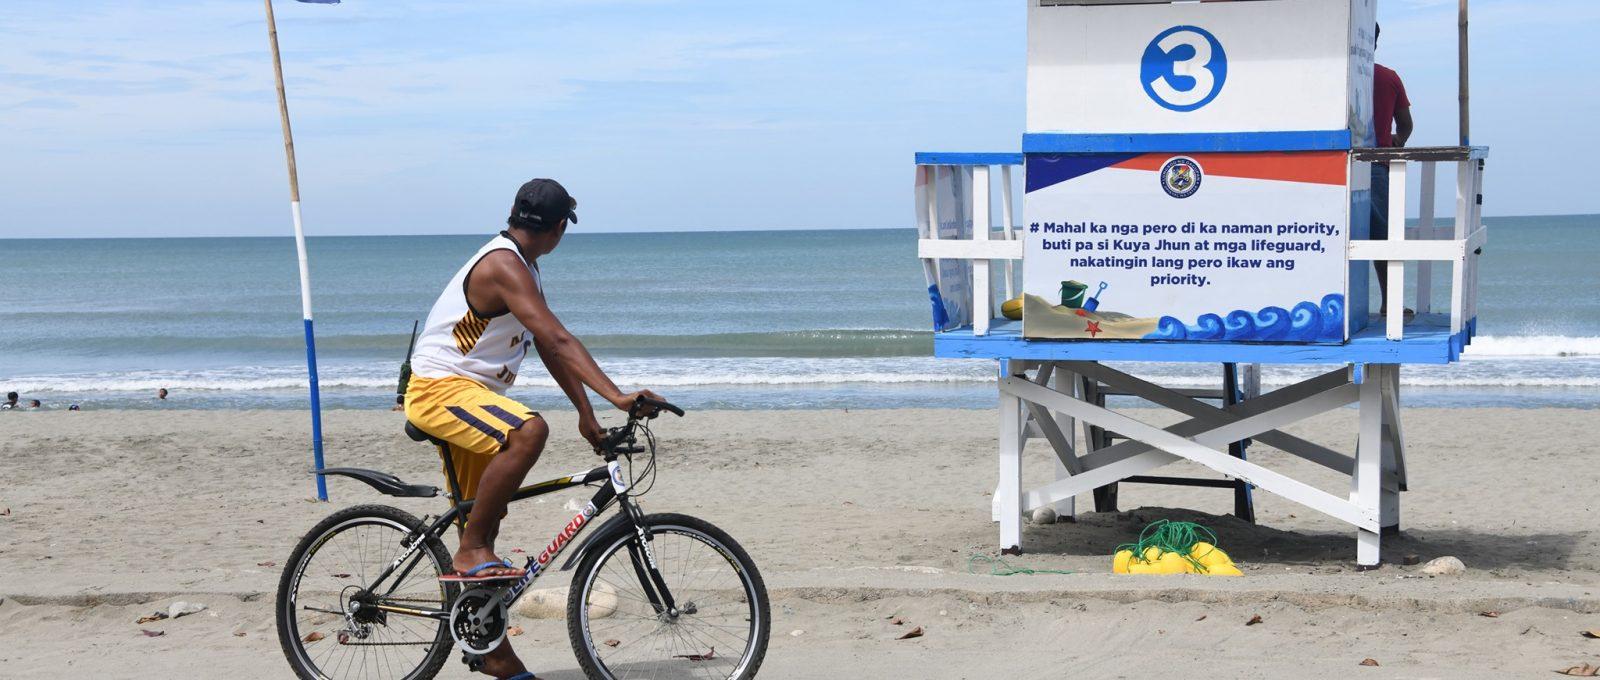 Tondaligan Beach handang-handa na sa pagdagsa ng mga beachgoers ngayong Undas